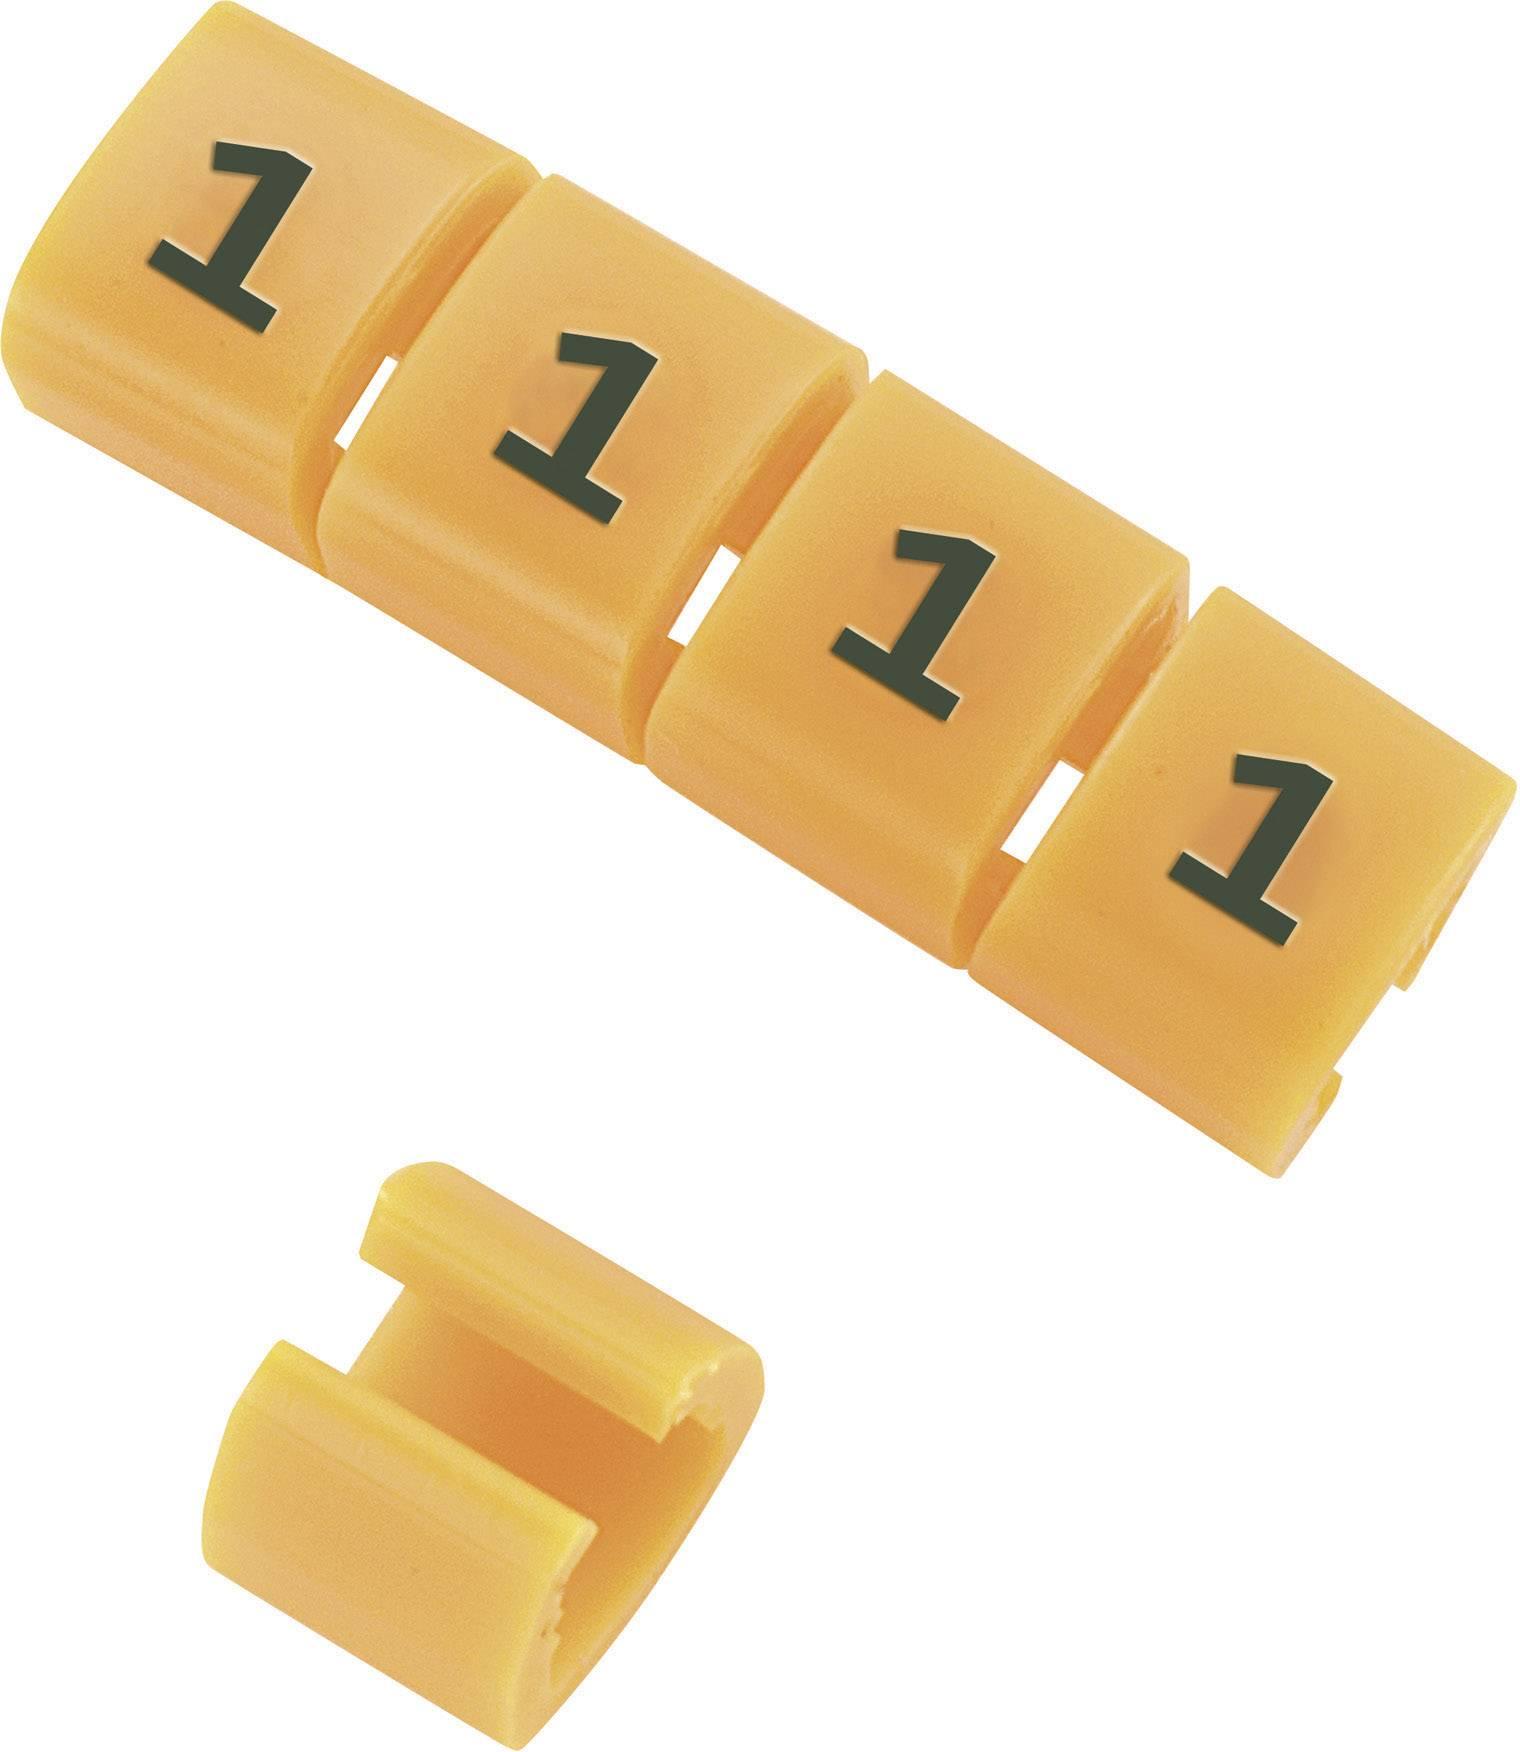 Označovacie objímka na káble KSS MB2/0, oranžová, 10 ks